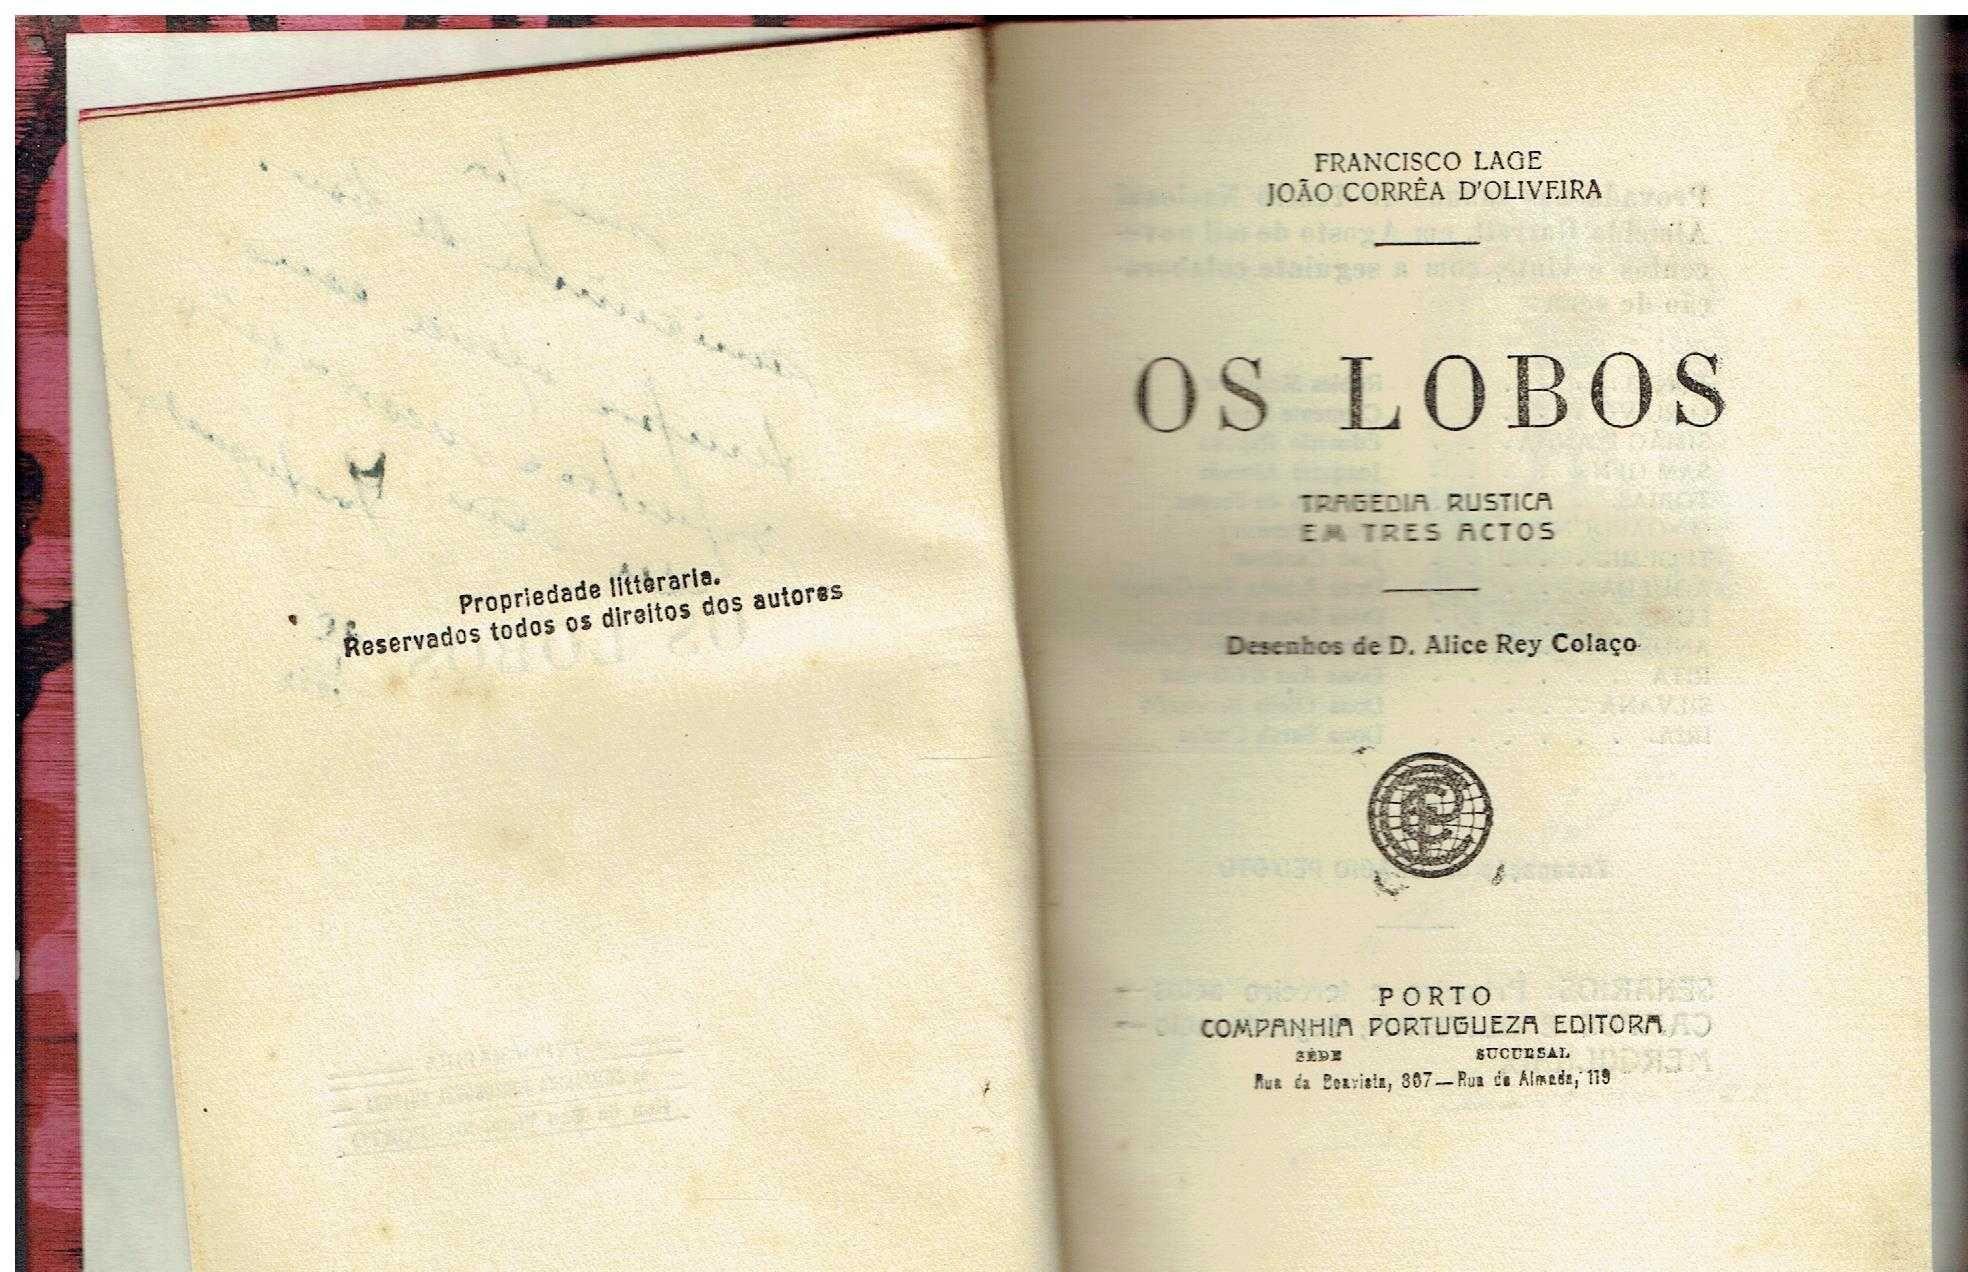 11681  Os lobos : tragedia rustica em tres actos /  de Francisco Lage